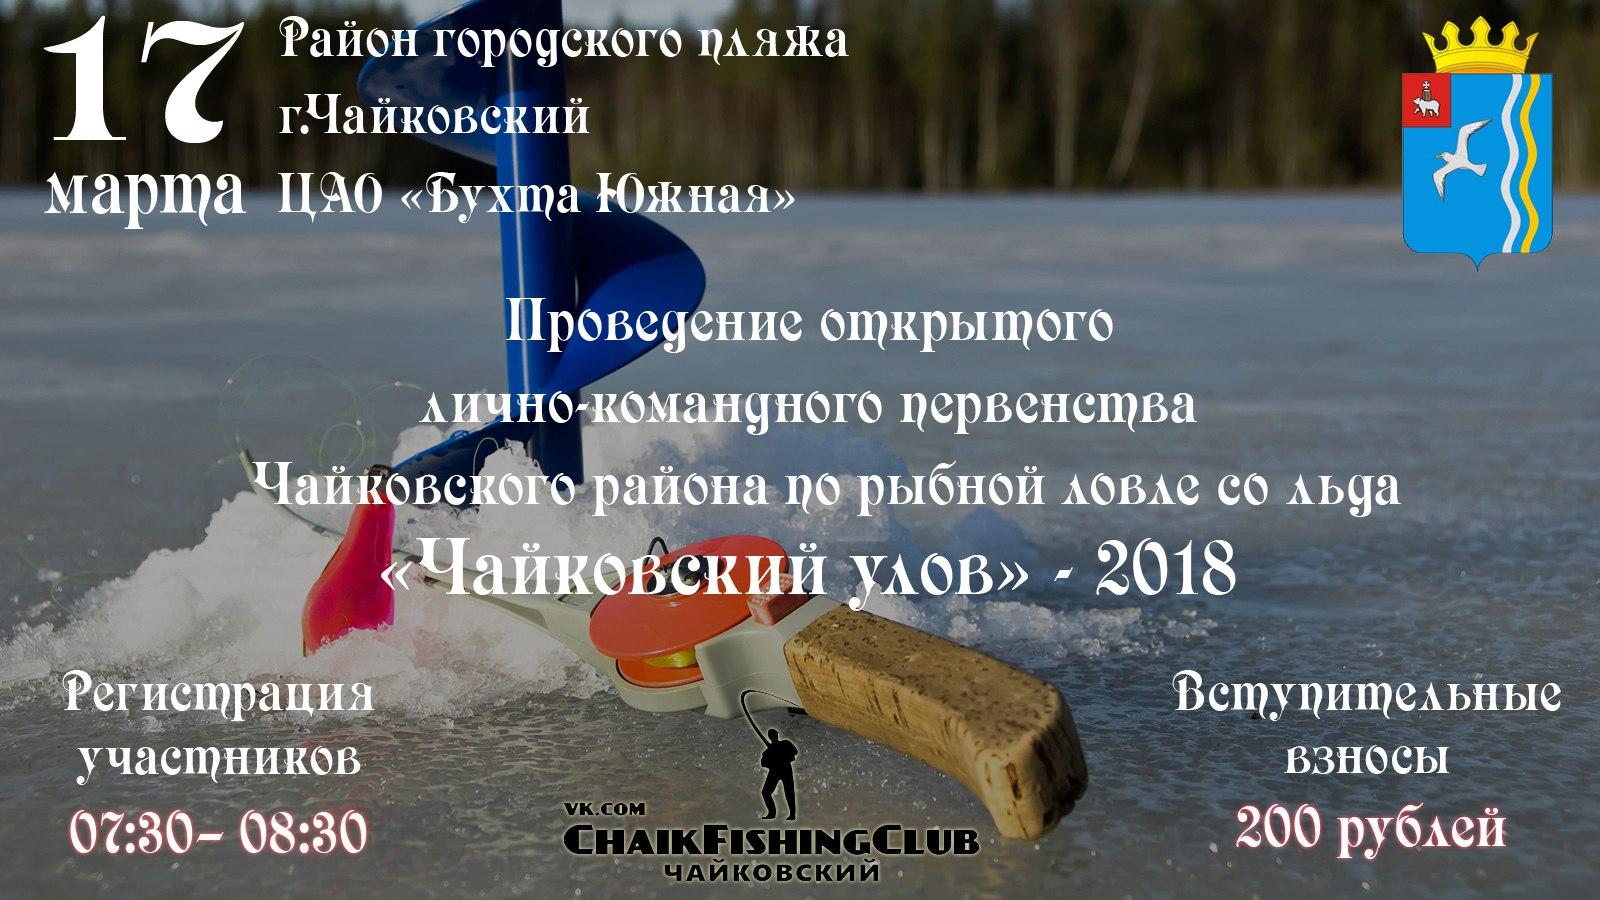 афиша, чайковский улов, 2018 год